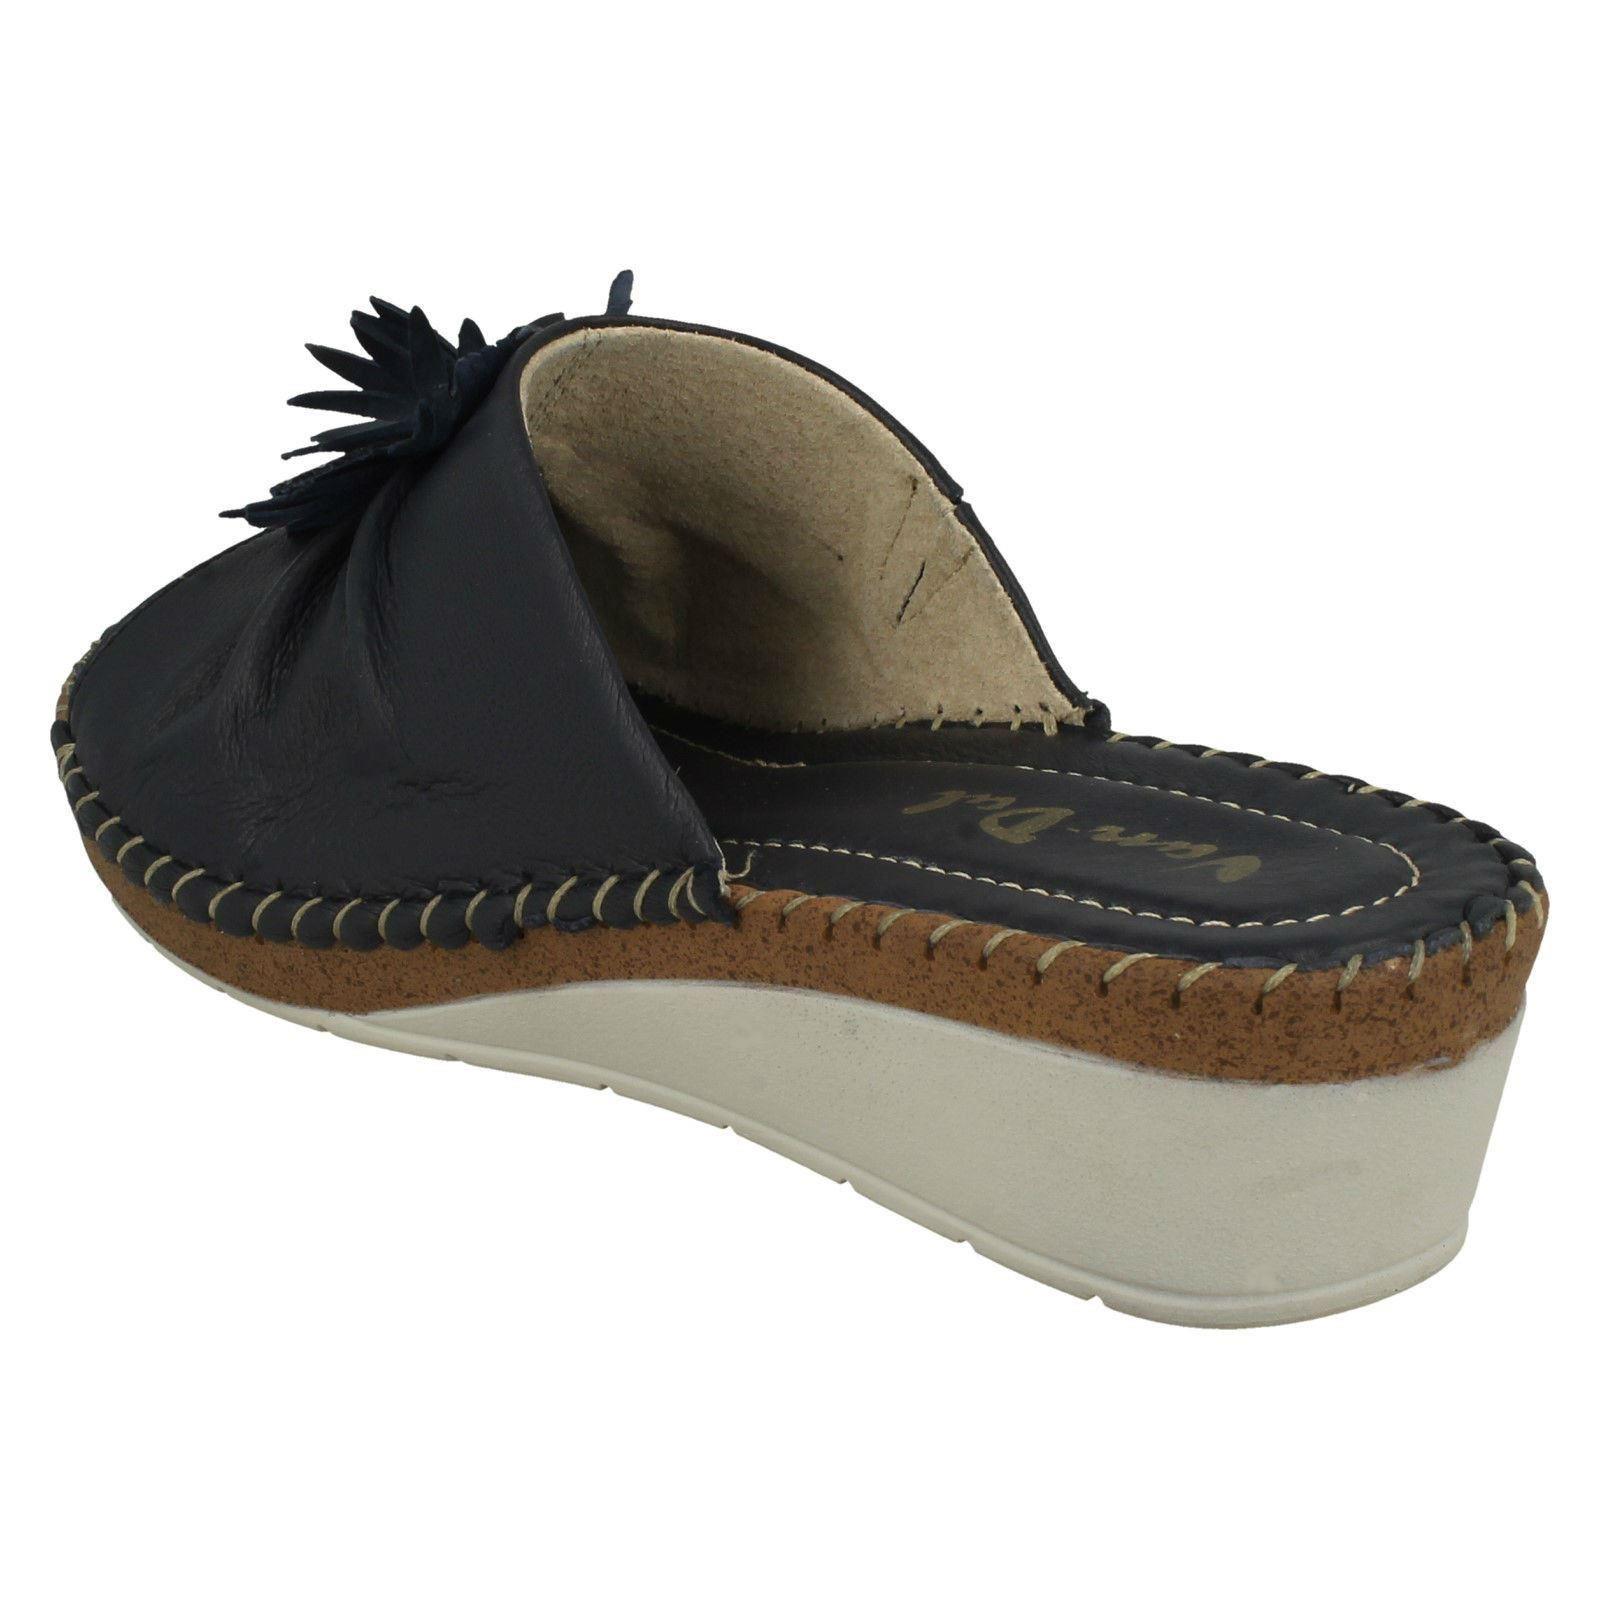 Ladies-Van-Dal-Wedge-Heel-Mule-Sandals-039-Banks-039 thumbnail 13